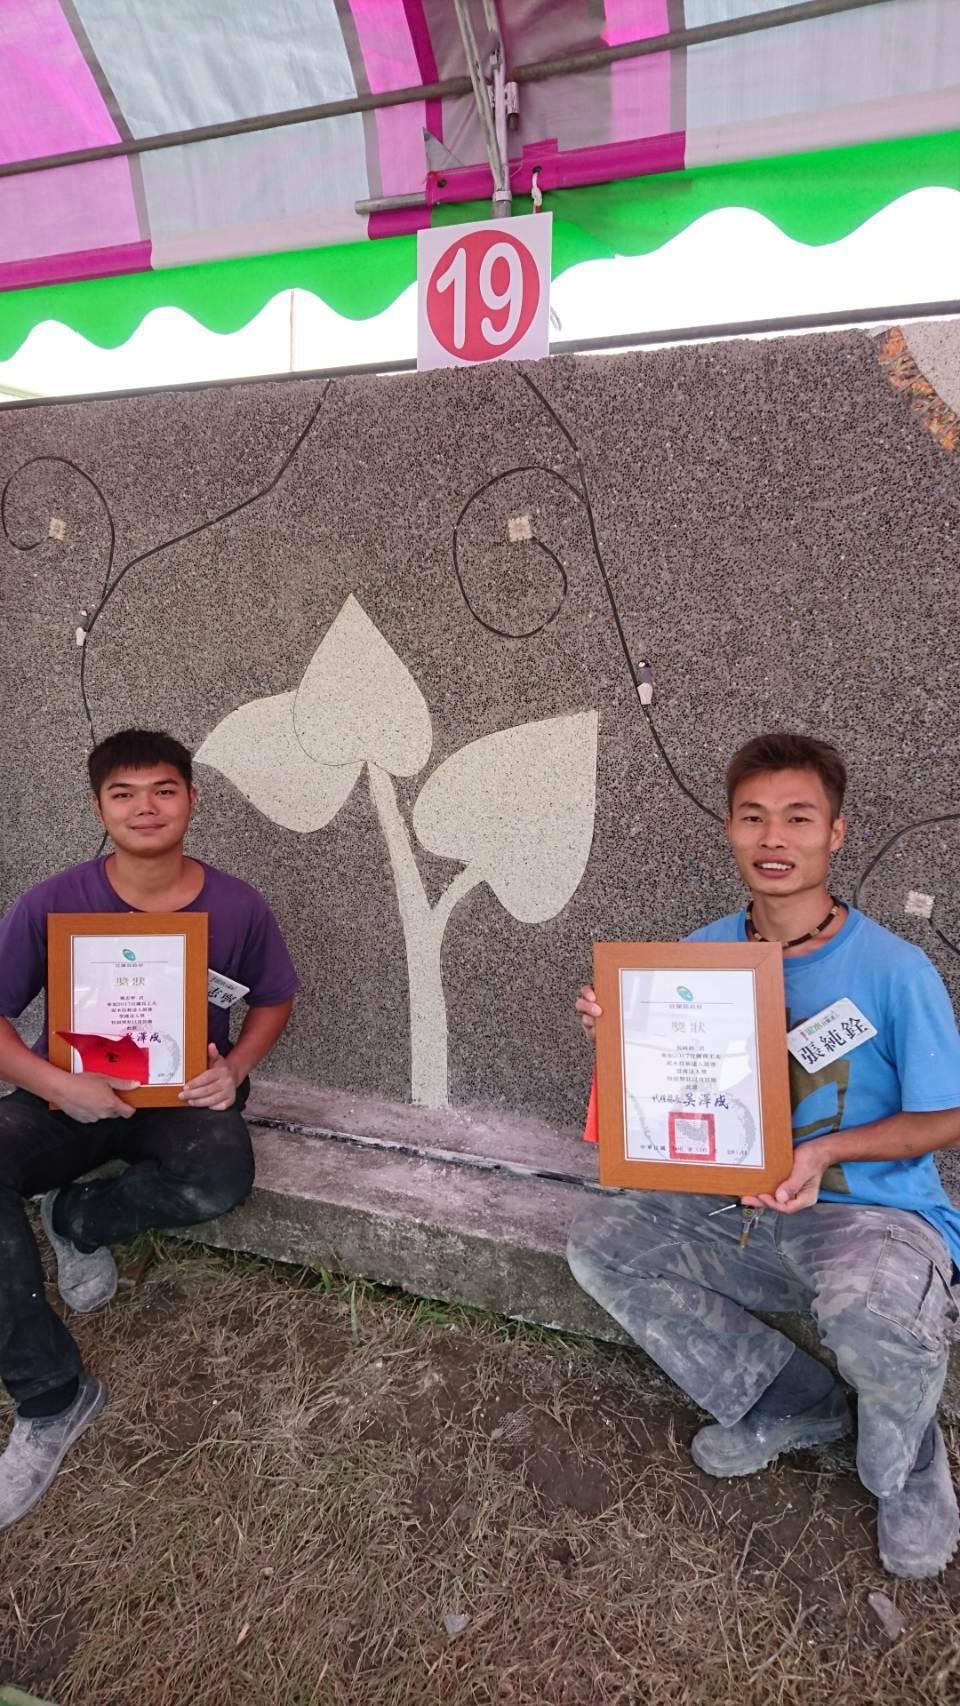 宜蘭縣水泥師傅張純銓(右)及戴志寧(左)以萌芽樹苗和曲線設計,簡單線條呈現深厚的...